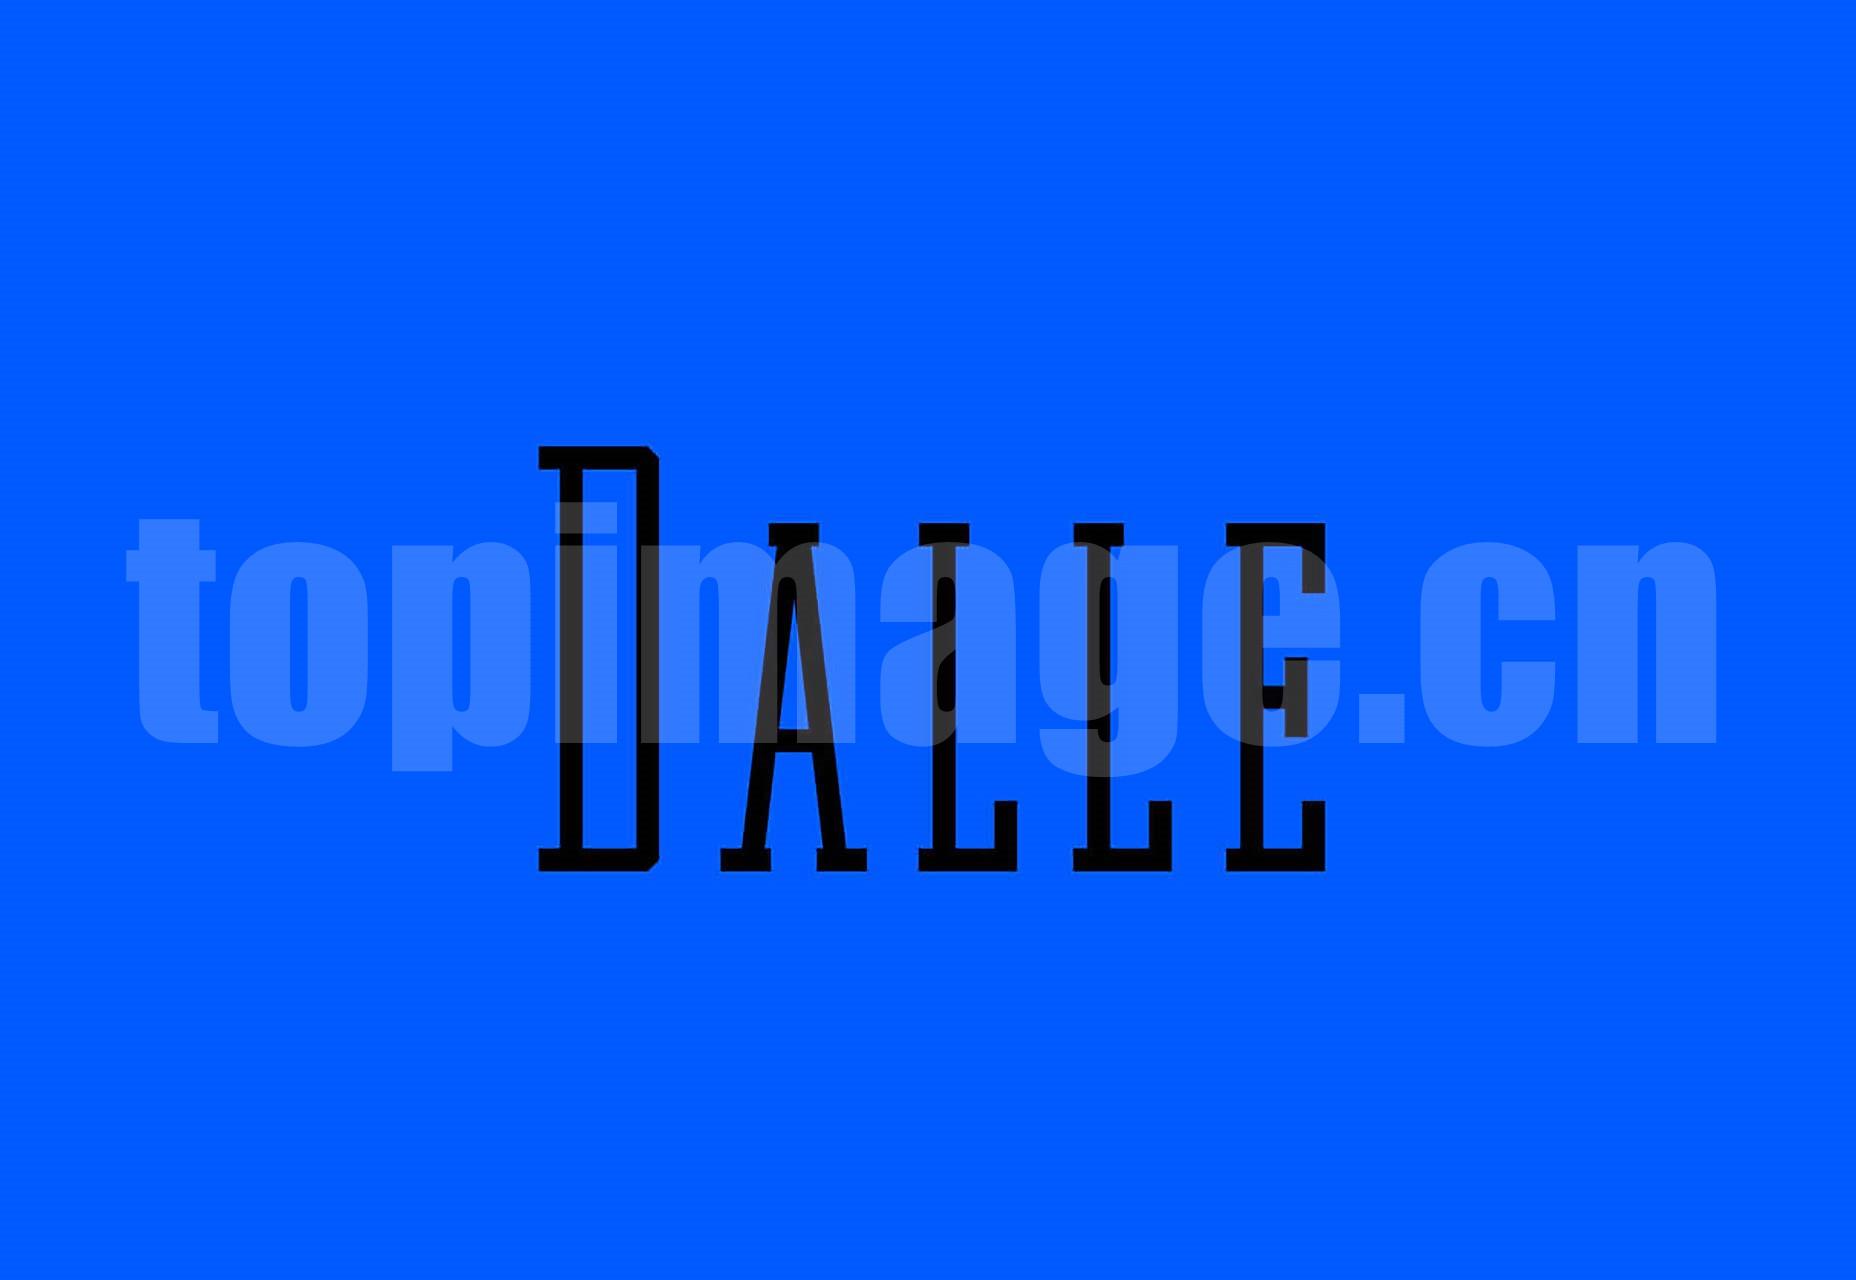 Dalle_Typeface 海报logo设计字体 简洁纤细 英文字体下载